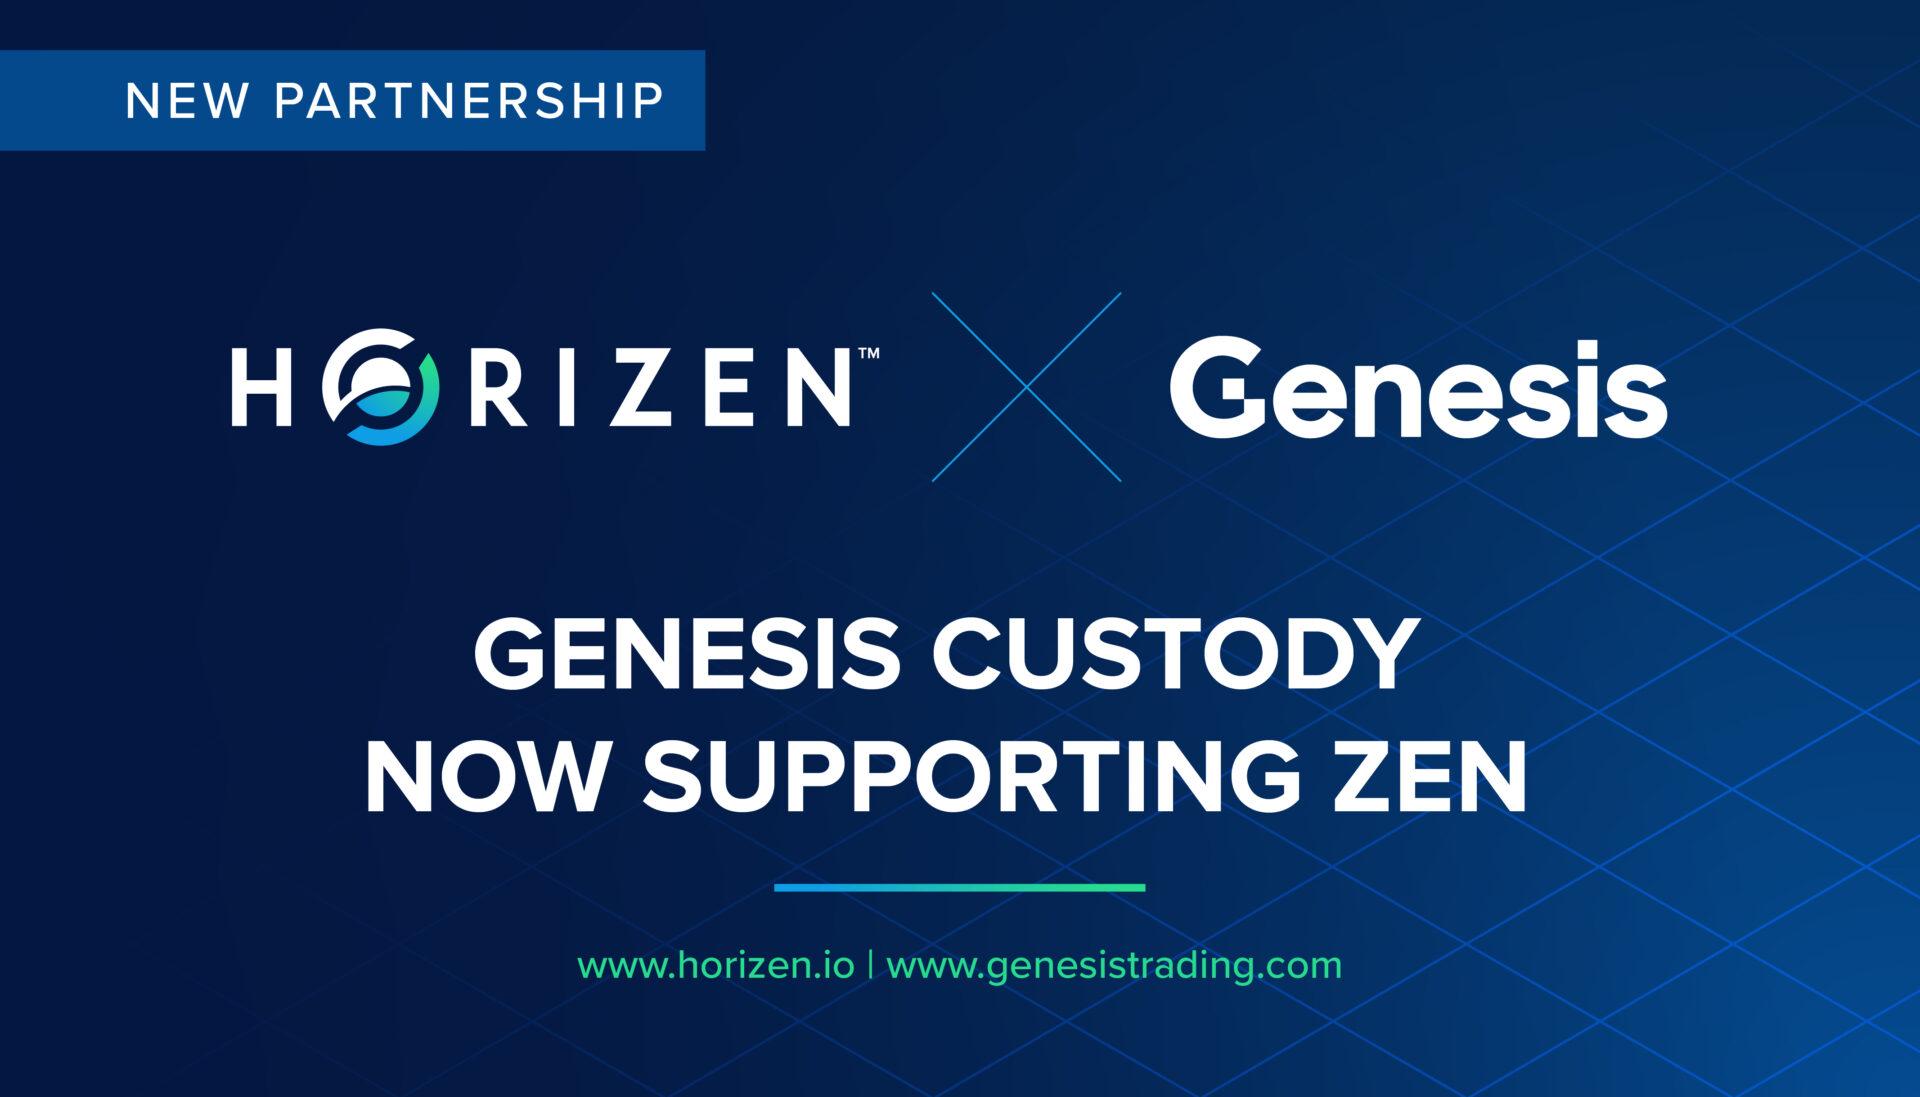 Genesis Custody Now Supports ZEN! - Horizen